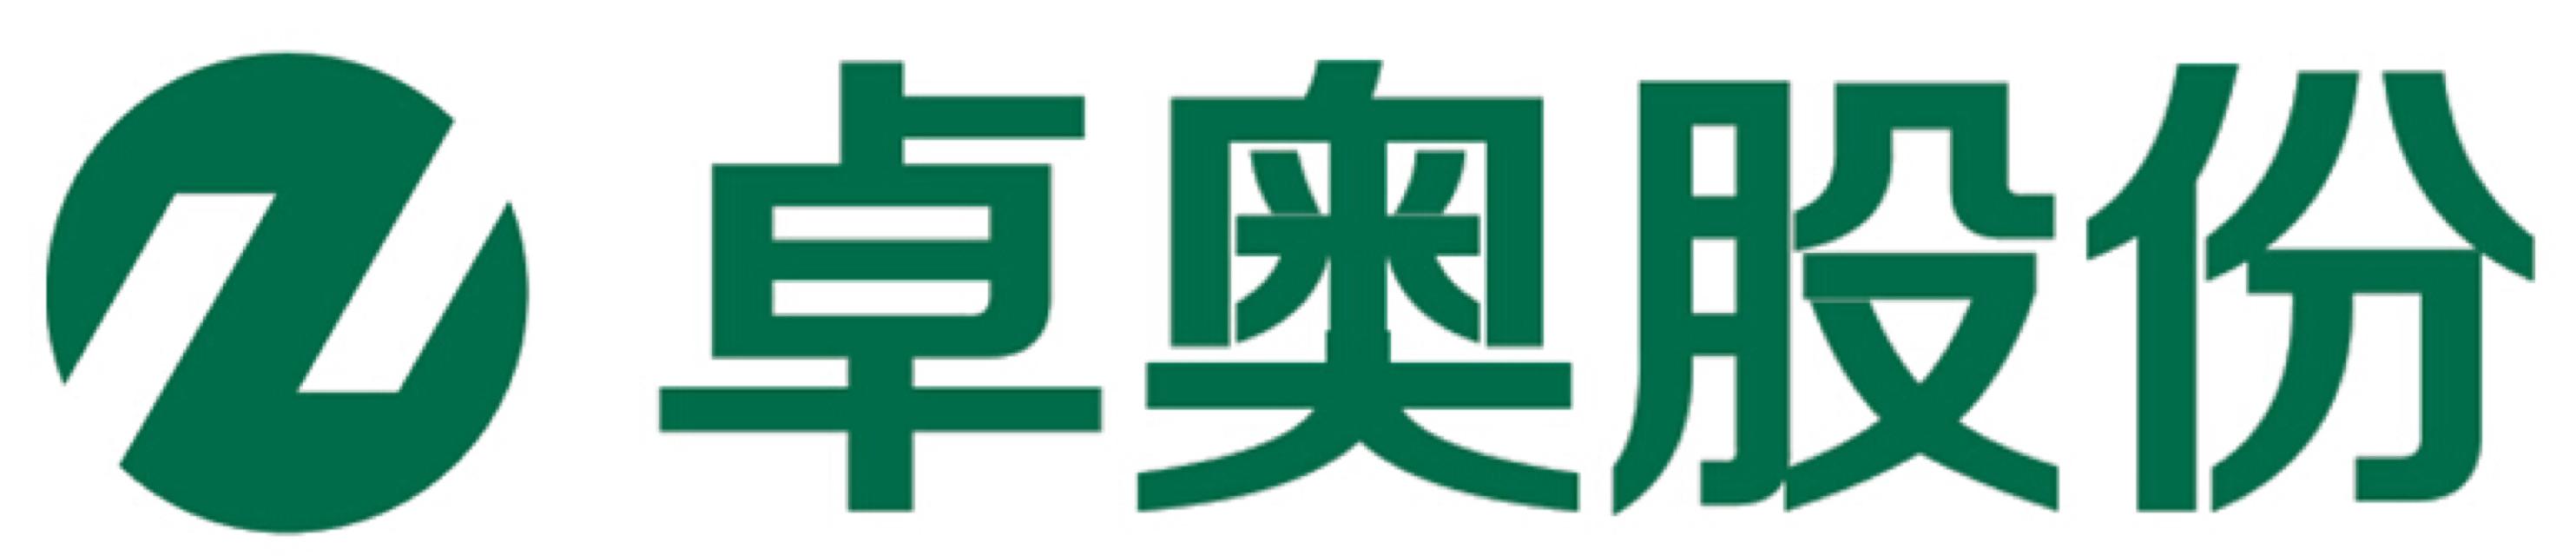 浙江卓奥科技股份有限公司